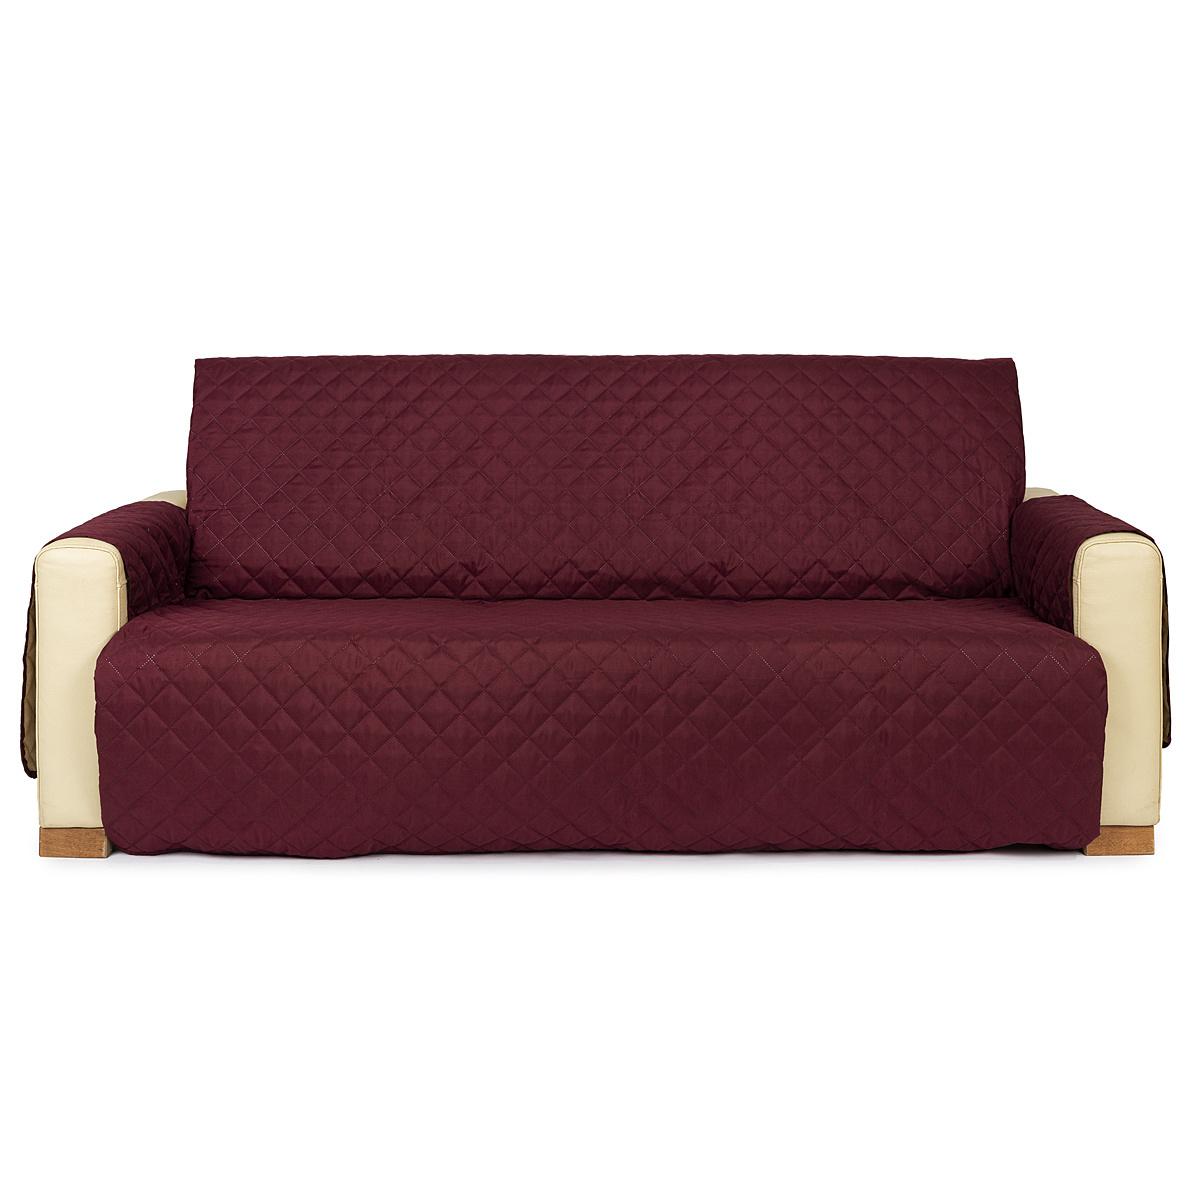 4Home Přehoz na sedací soupravu Doubleface bordó/béžová, 180 x 220 cm